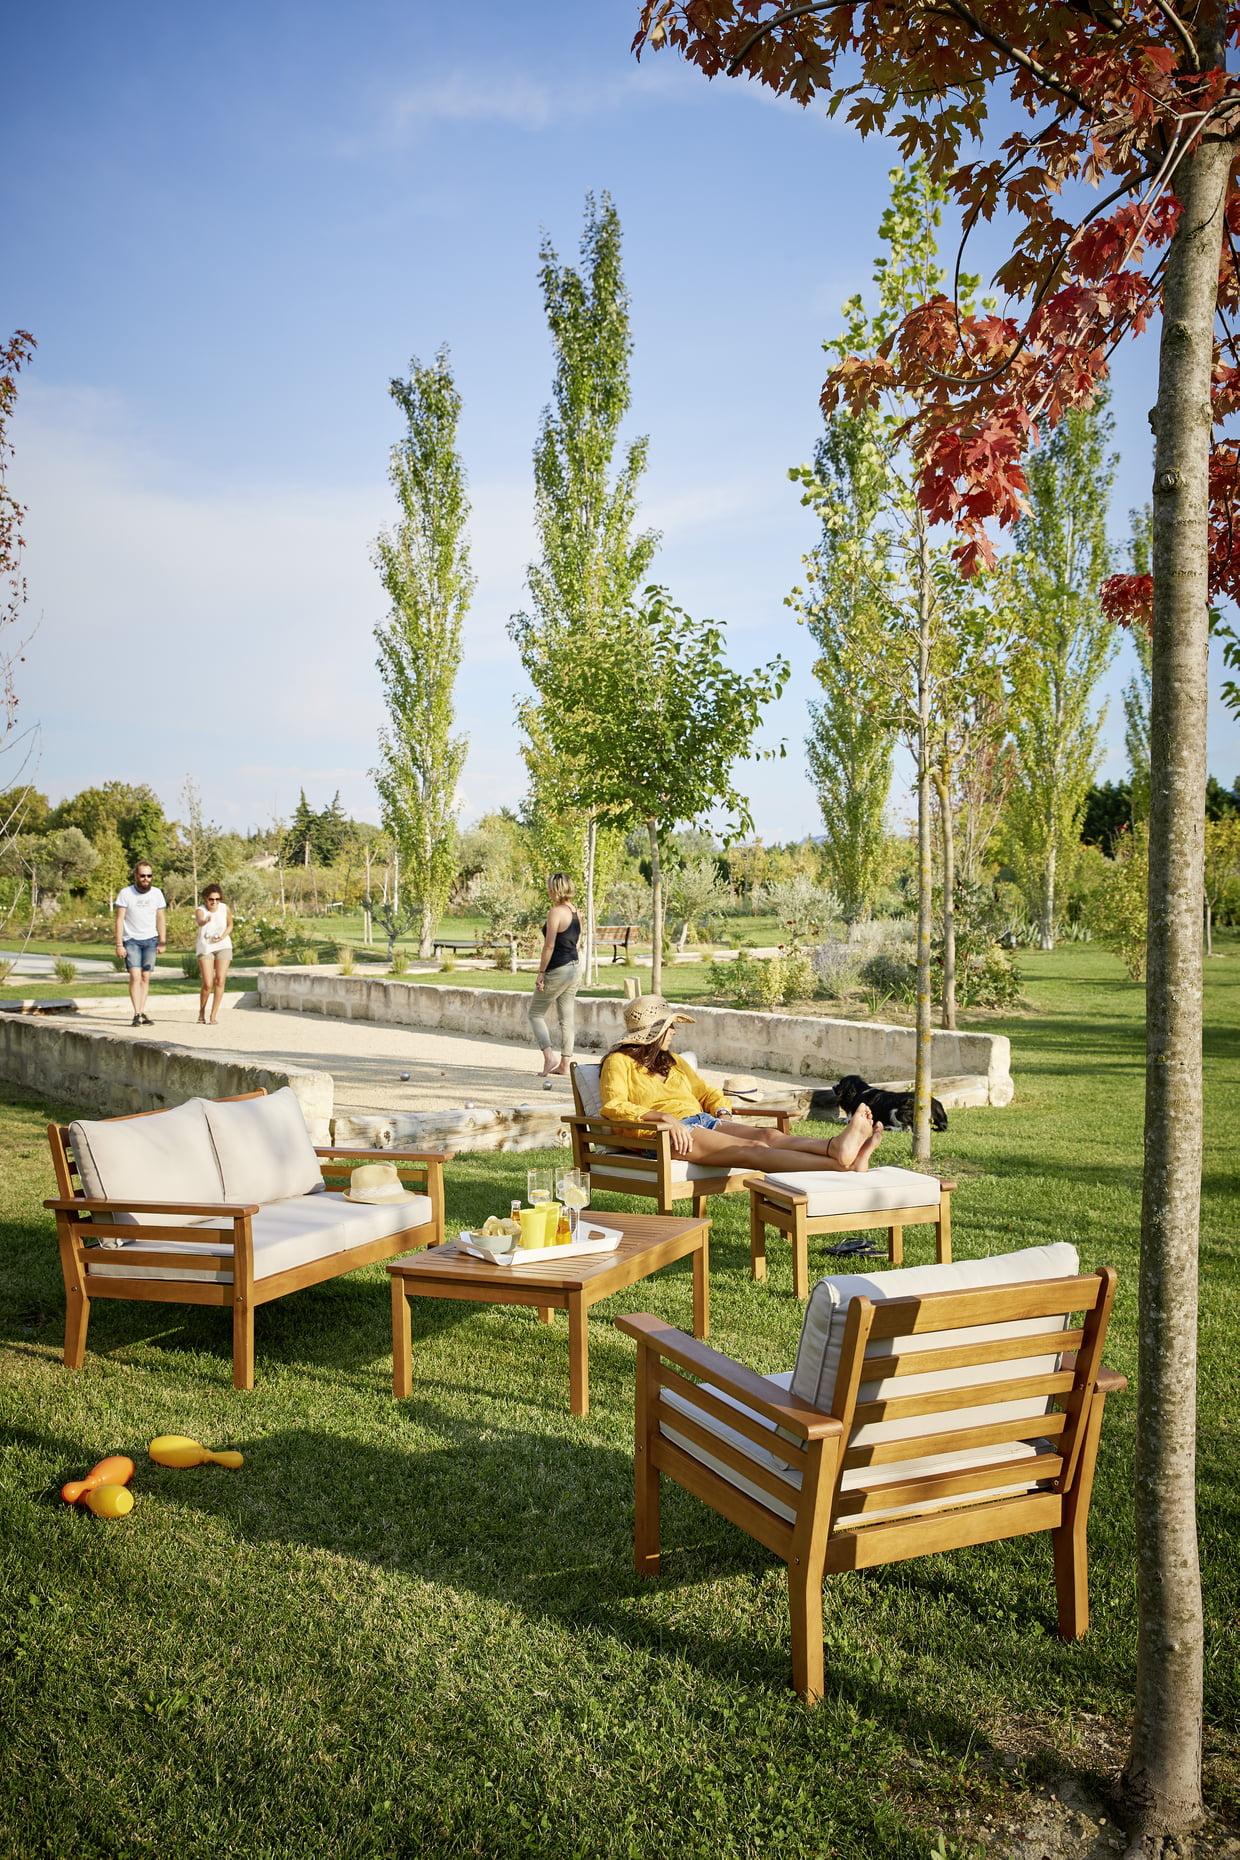 Salon De Jardin Bas Jakarta De Carrefour destiné Salon De Jardin Pas Cher Carrefour